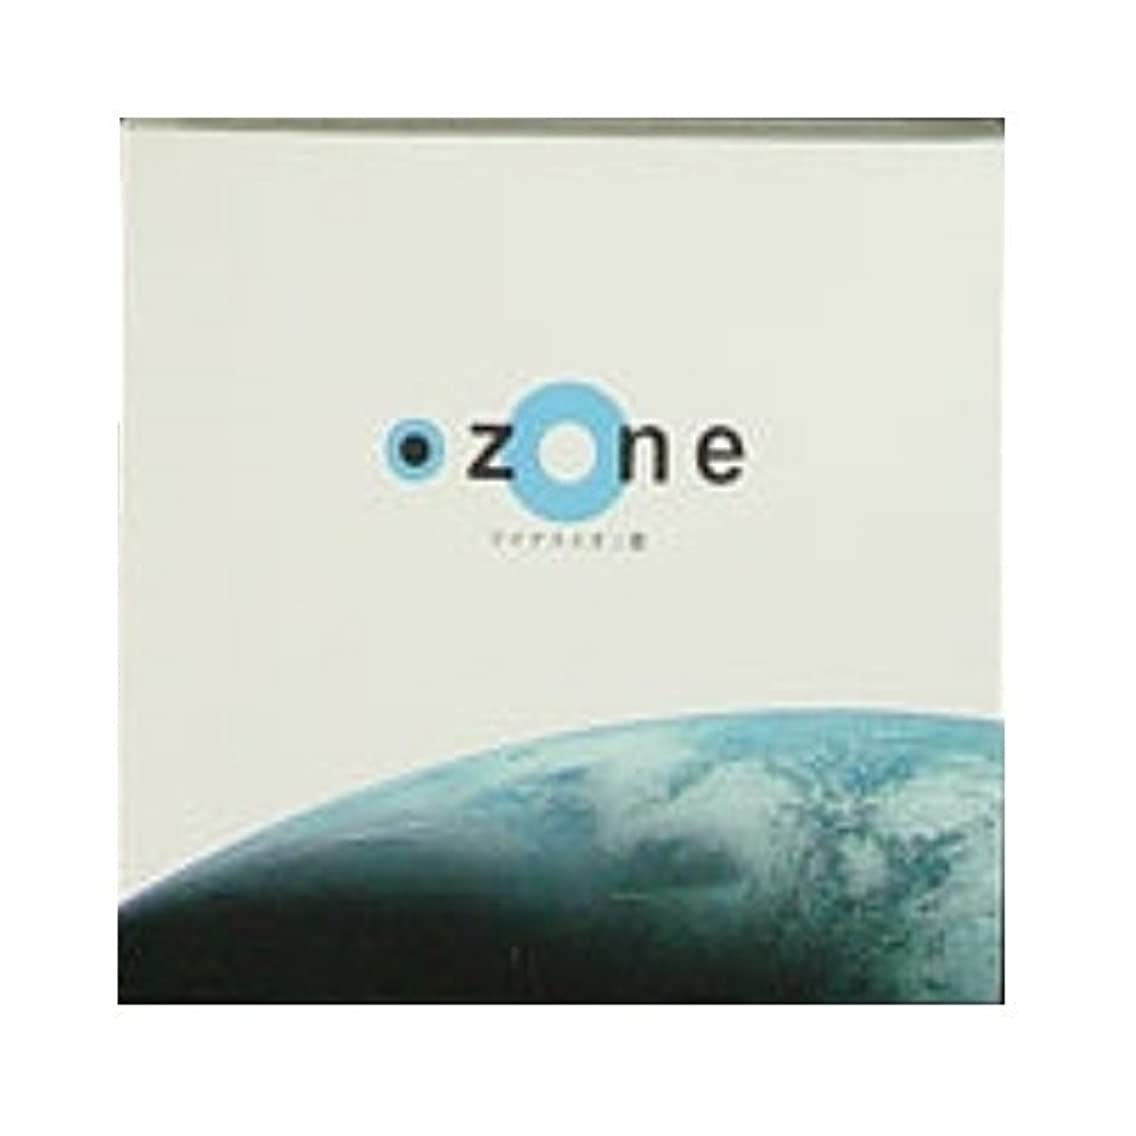 逃す誇り腰悠々庵 OZONE 箱型 ウルトラマリン